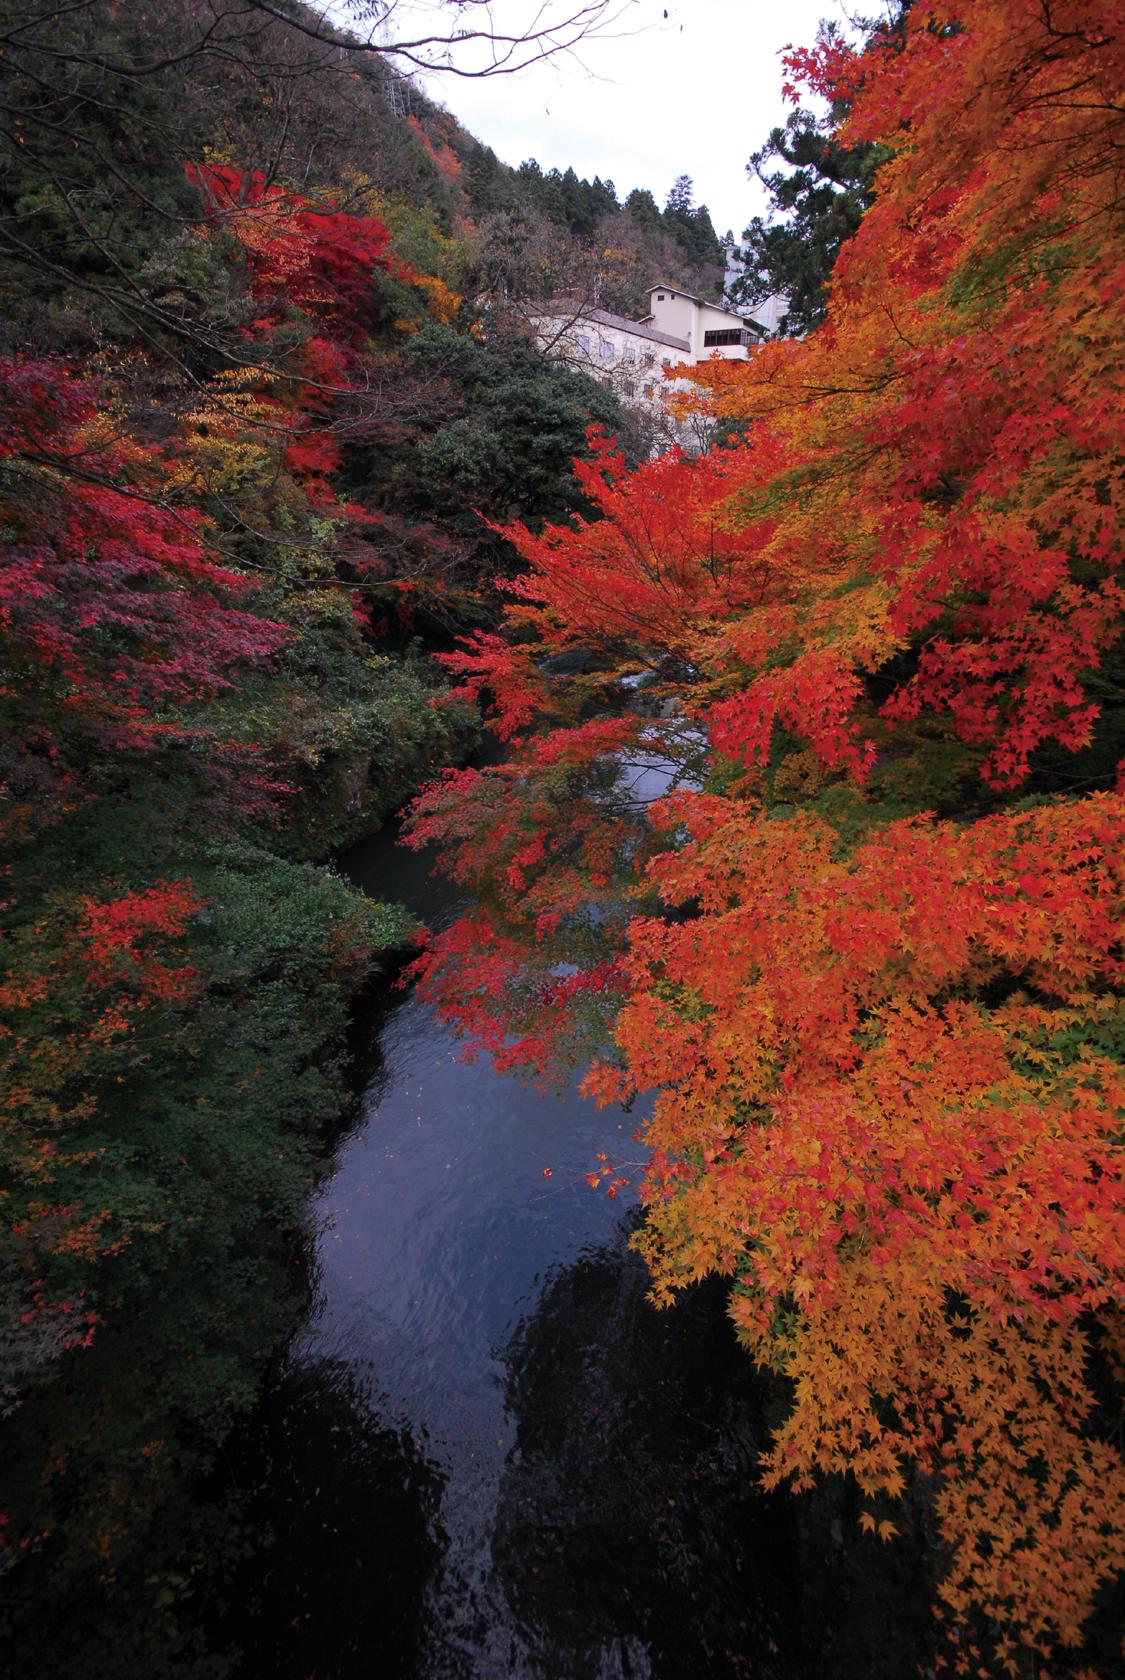 【山中温泉 鶴仙渓(かくせんけい)】石川県の紅葉情報